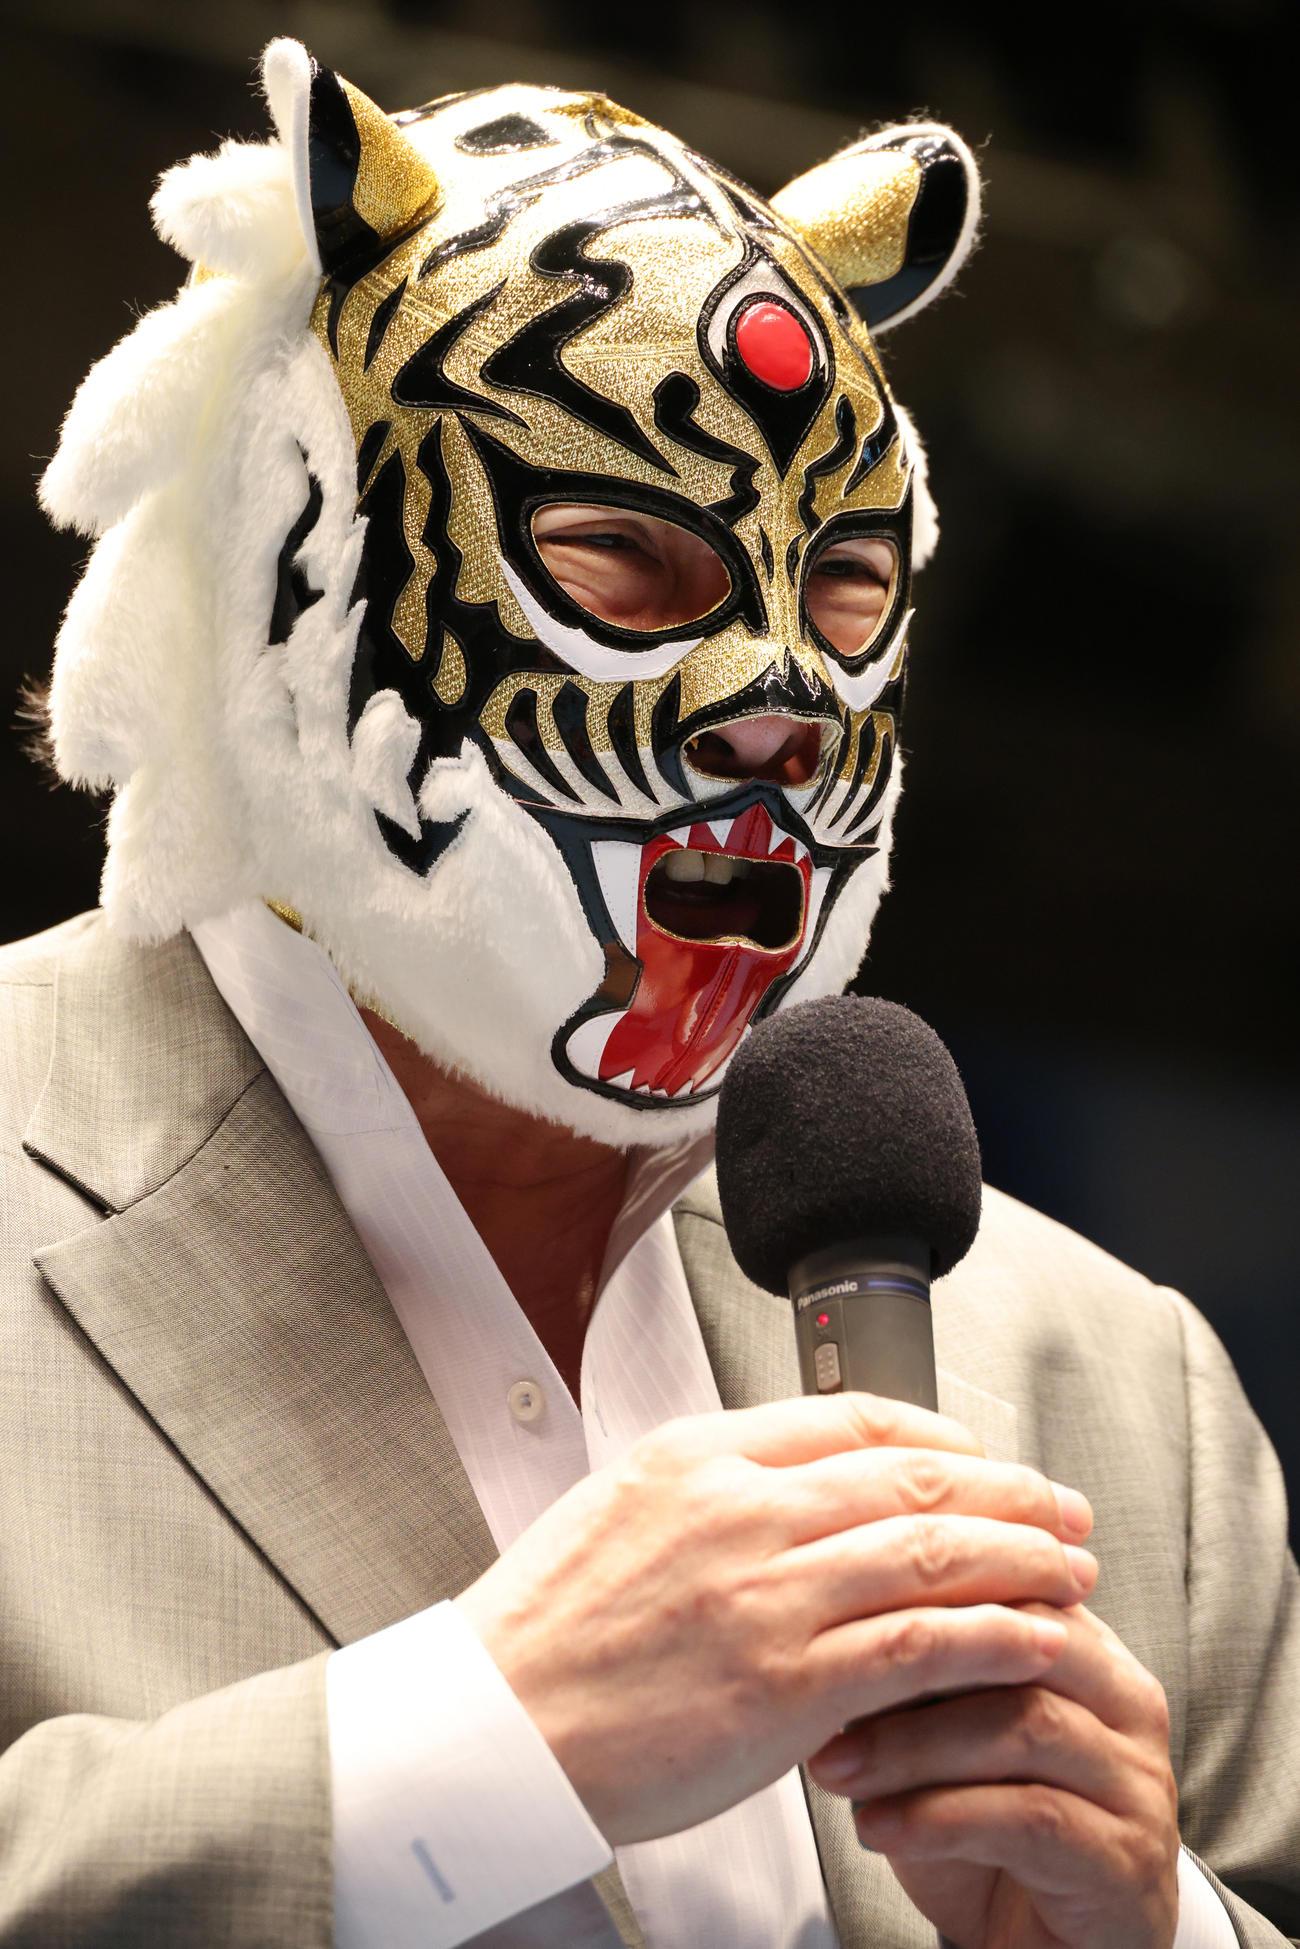 リング上であいさつする初代タイガーマスクの佐山サトル氏(撮影・中島郁夫)